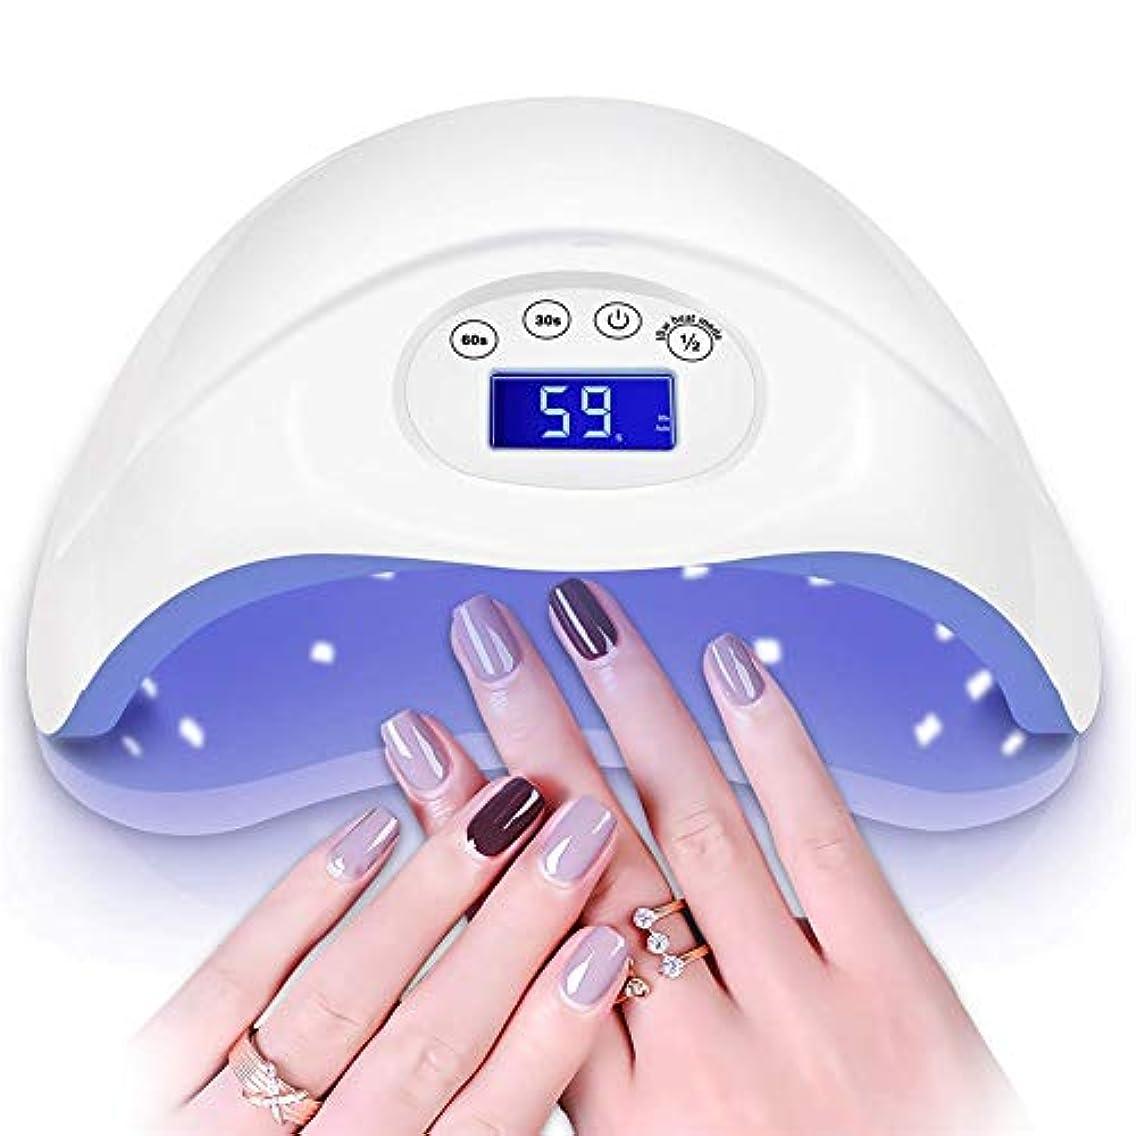 量でかわす請求書48W UVネイルランプ、自動センサーと爪または足の爪用のスイッチを備えたネイルドライヤー、ジェルネイル用のプロフェッショナルUVライト、サロンまたはネイル愛好家向けのタイマー設定